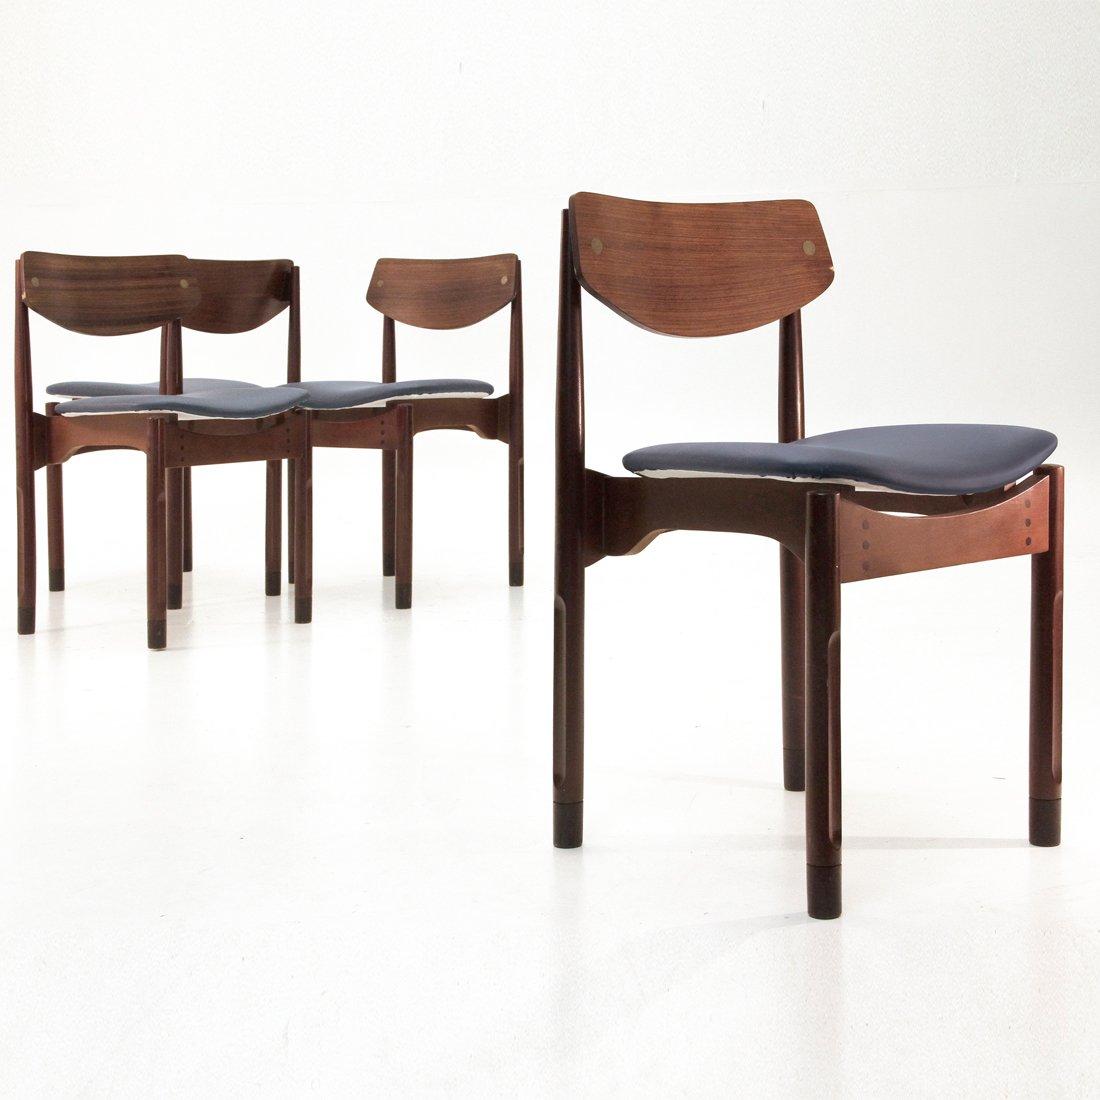 italienische palisander eco leder st hle 1950er 4er set bei pamono kaufen. Black Bedroom Furniture Sets. Home Design Ideas